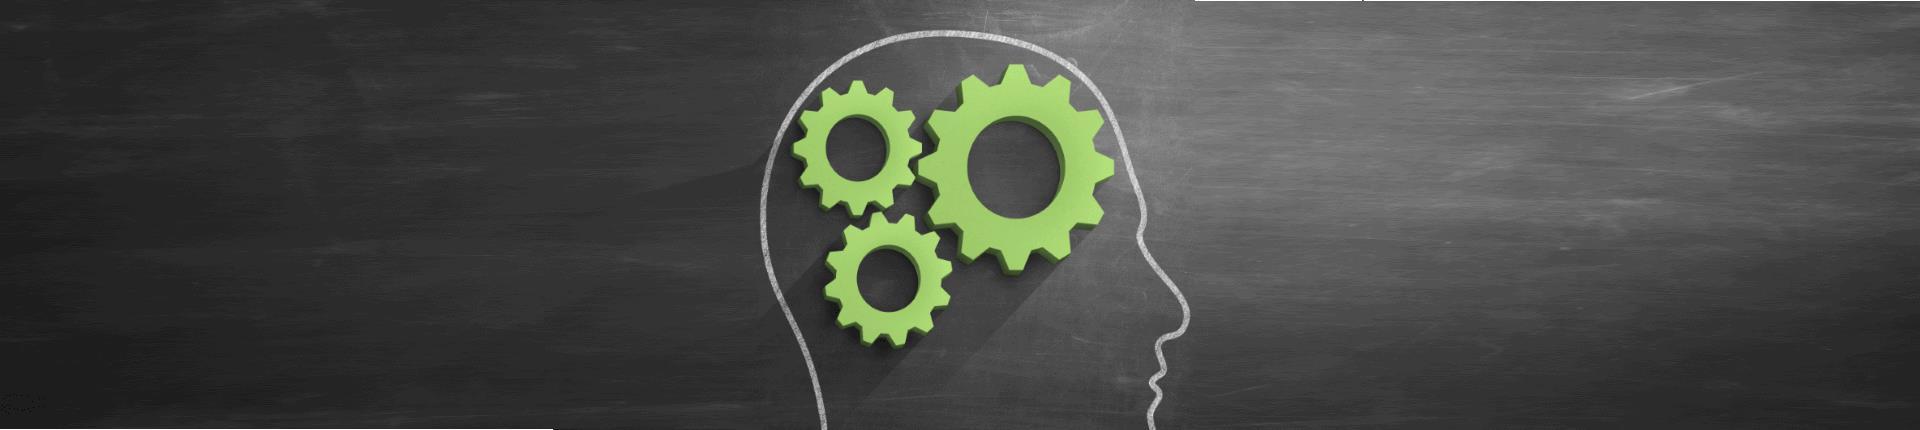 bitfest GmbH Software Engineering - Qualität macht sich bezahlt - Software Entwicklung